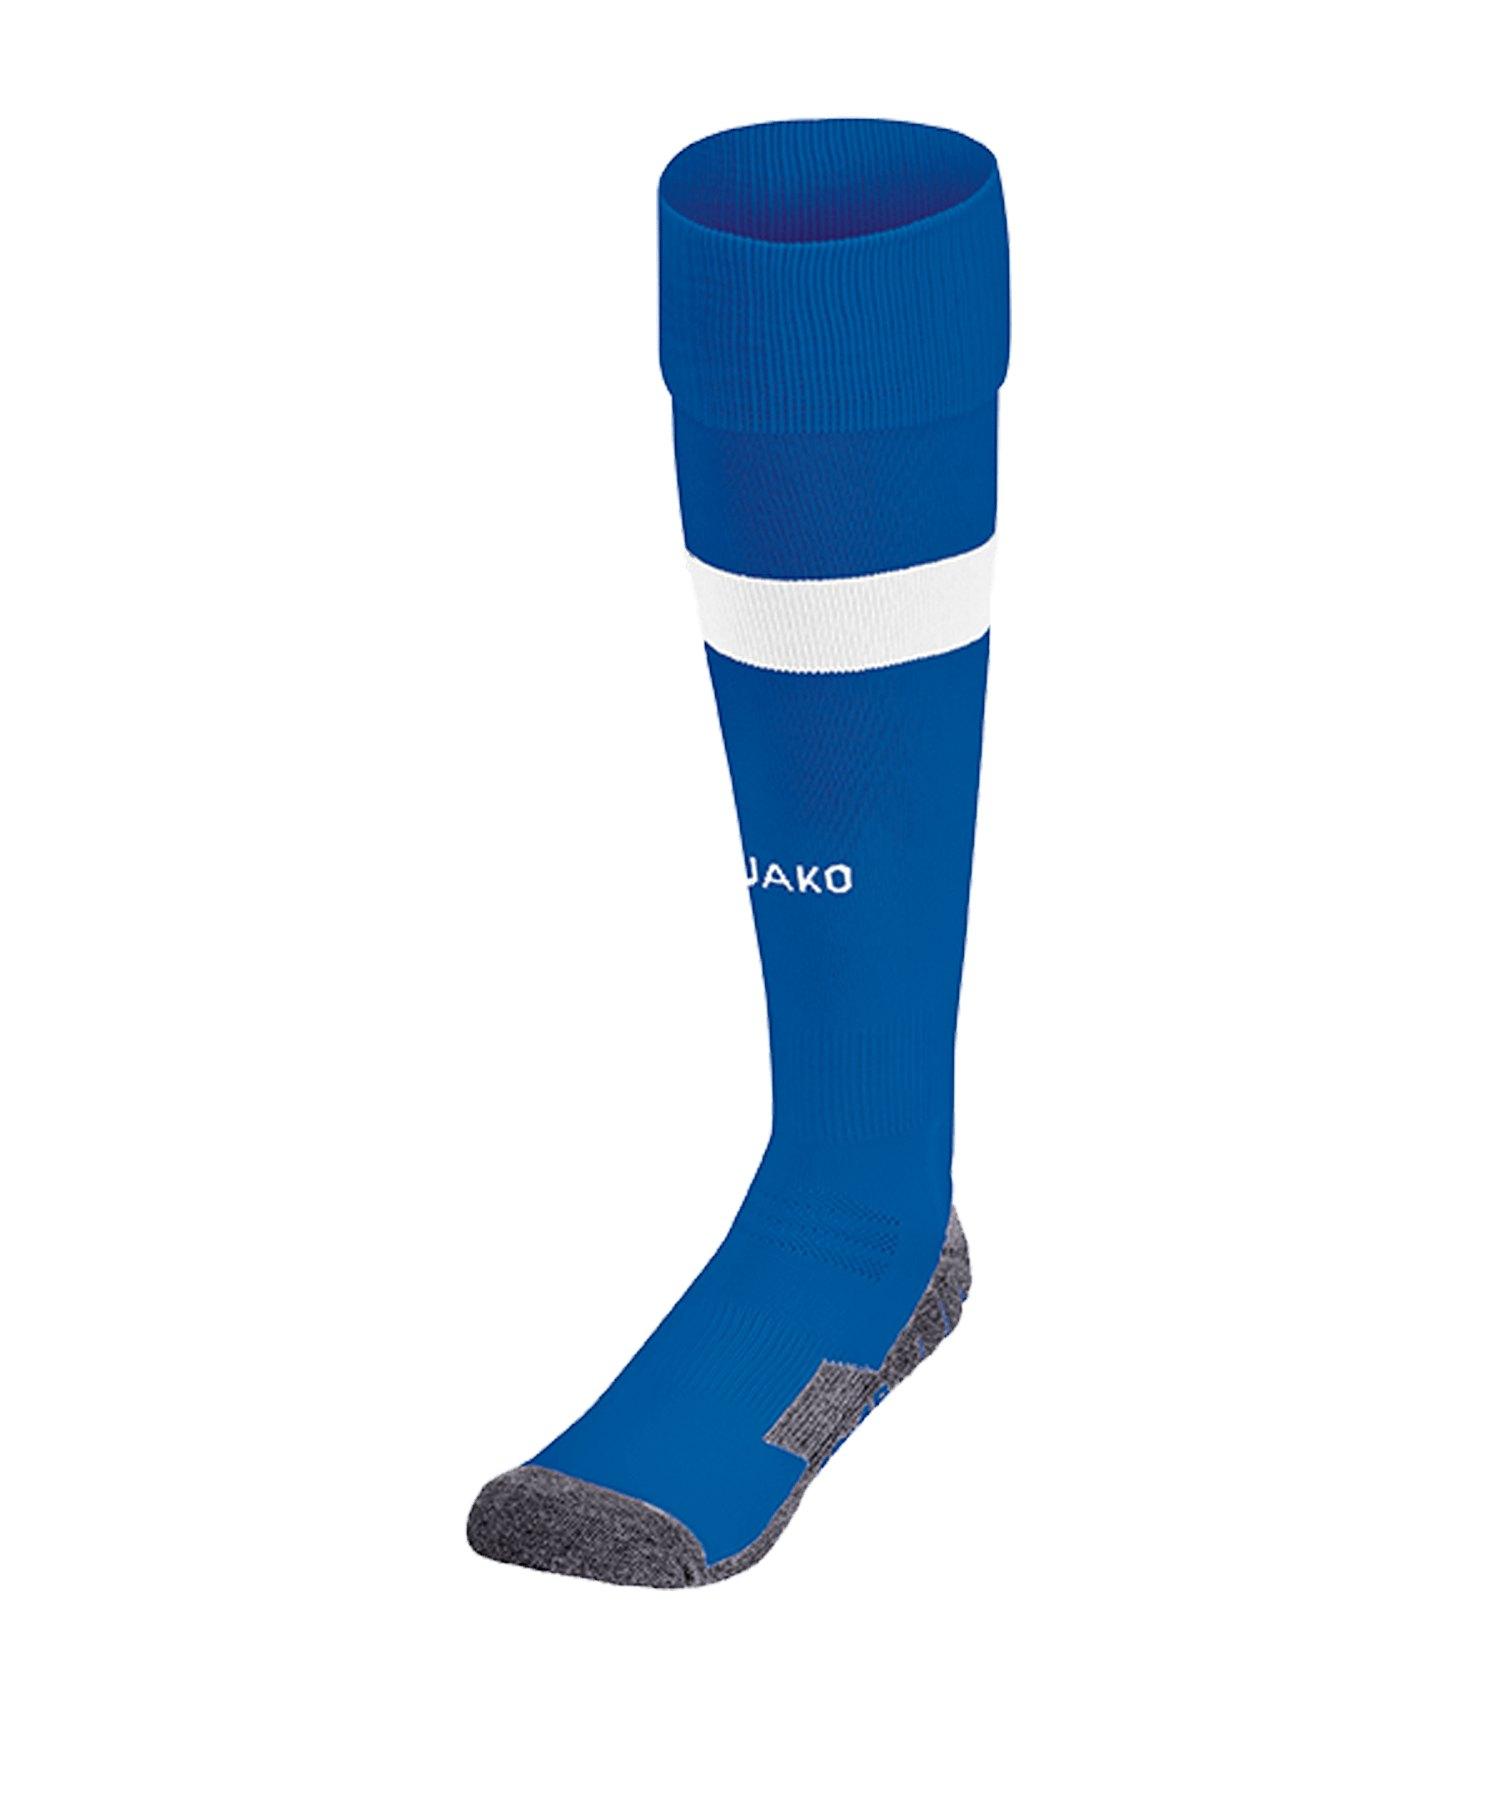 Jako Boca Stutzenstrumpf Blau F04 - blau